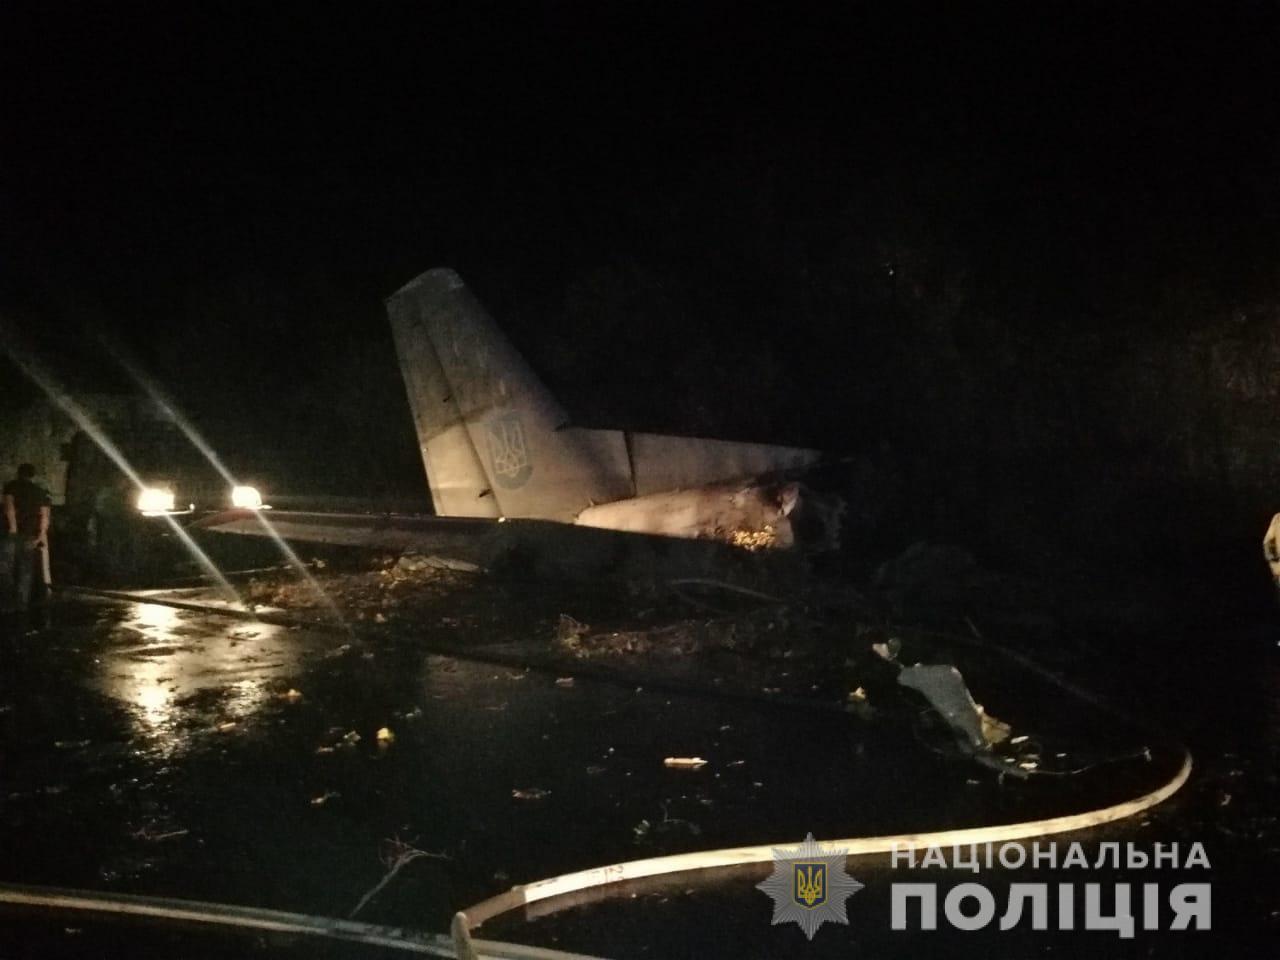 Падіння літака під Харковом: фото та відео з місця трагедії - фото 1